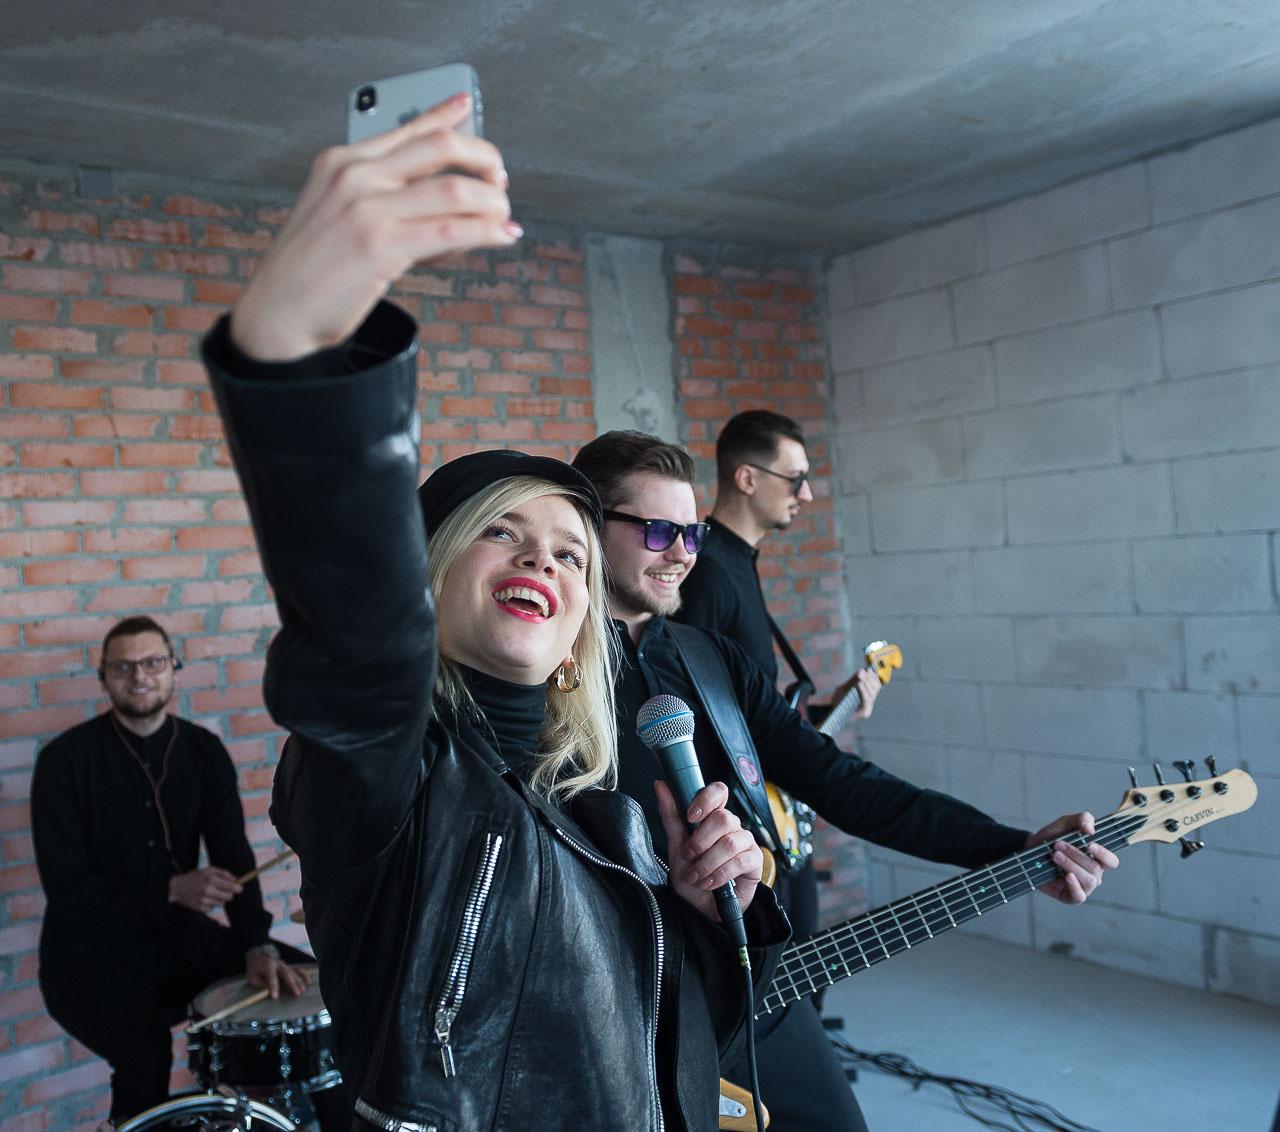 «Хожу со своей музыкальной группой»: жительница Челябинска Ксения Нагаева проверила шумоизоляцию новостройки весьма необычным способом. На фото Ксения делает селфи с музыкантами